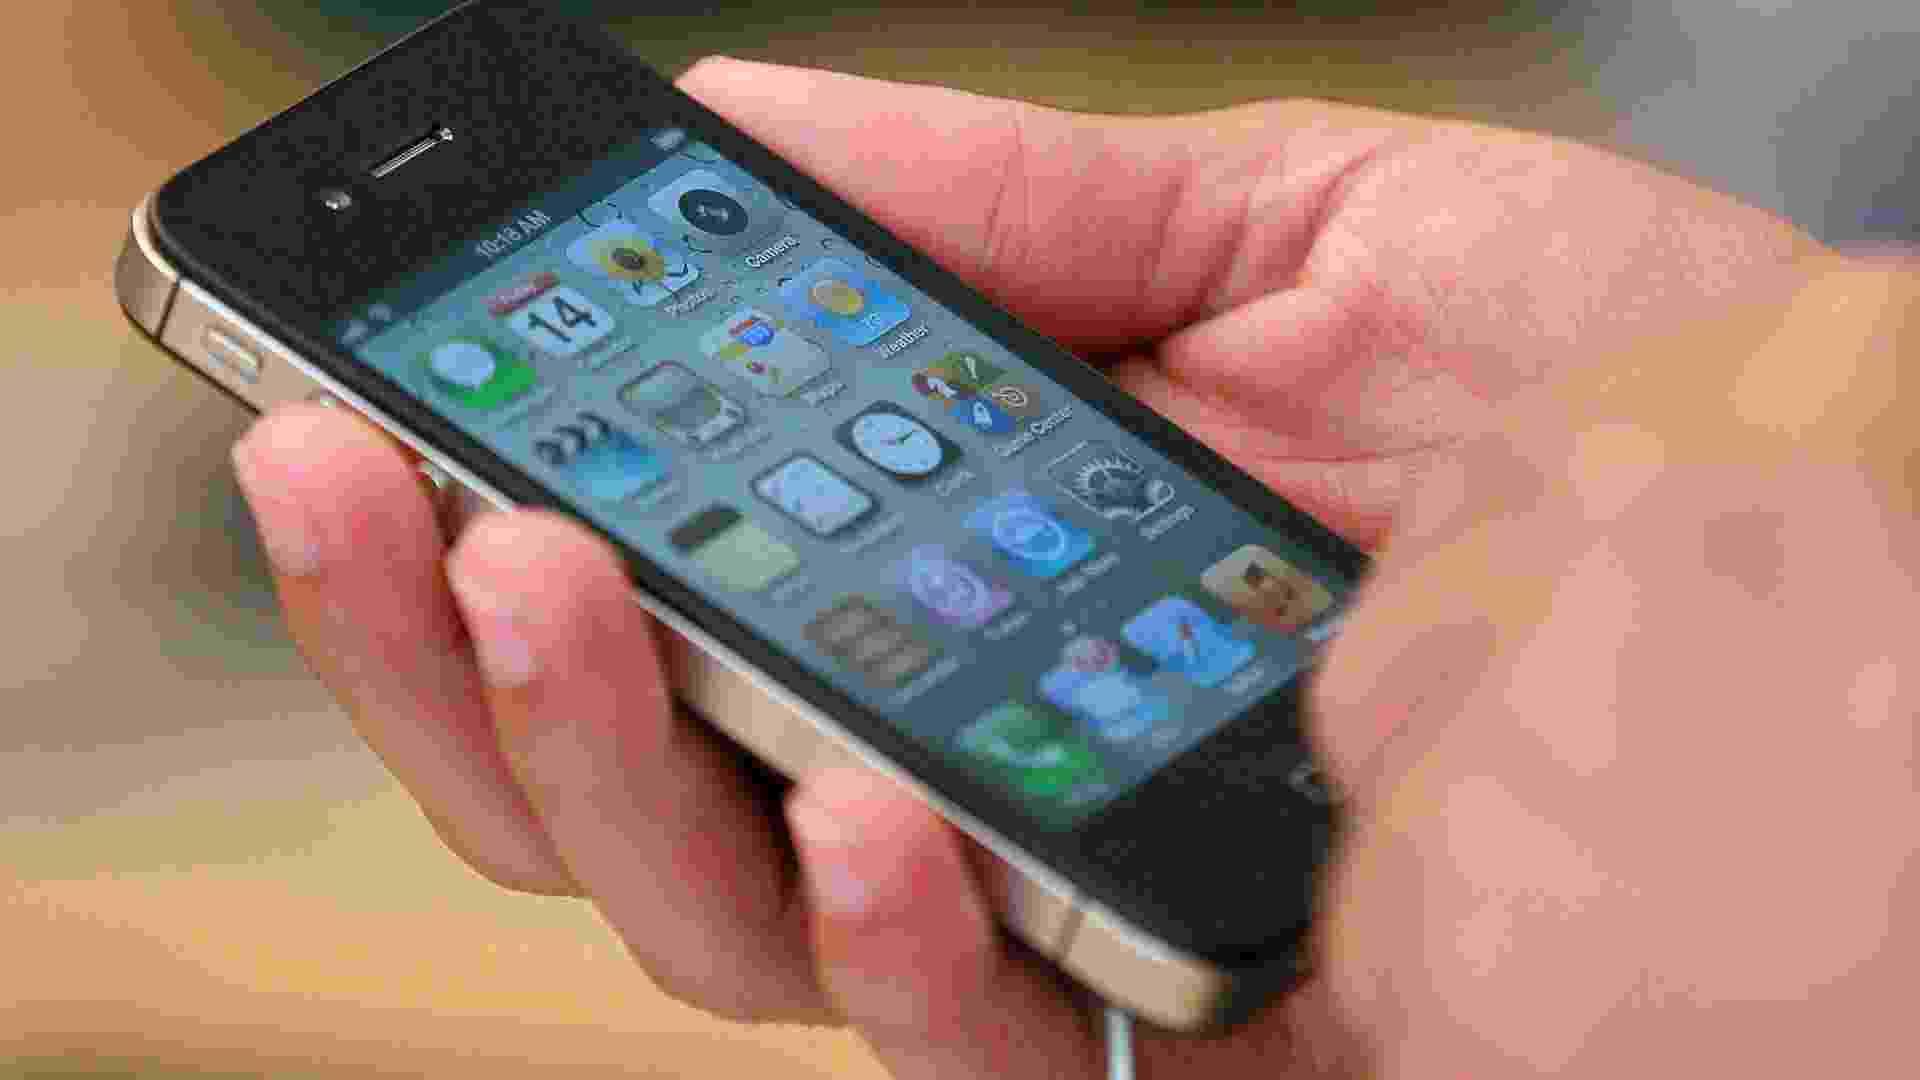 Milhões de consumidores no mundo possuem iPhones, mas poucos conhecem as dezenas de pequenos atalhos e truques existentes nos celulares inteligentes da Apple. O UOL Tecnologia selecionou alguns deles a seguir, válidos para quem usa o sistema iOS 5; confira - Justin Sullivan/Getty Images/AFP